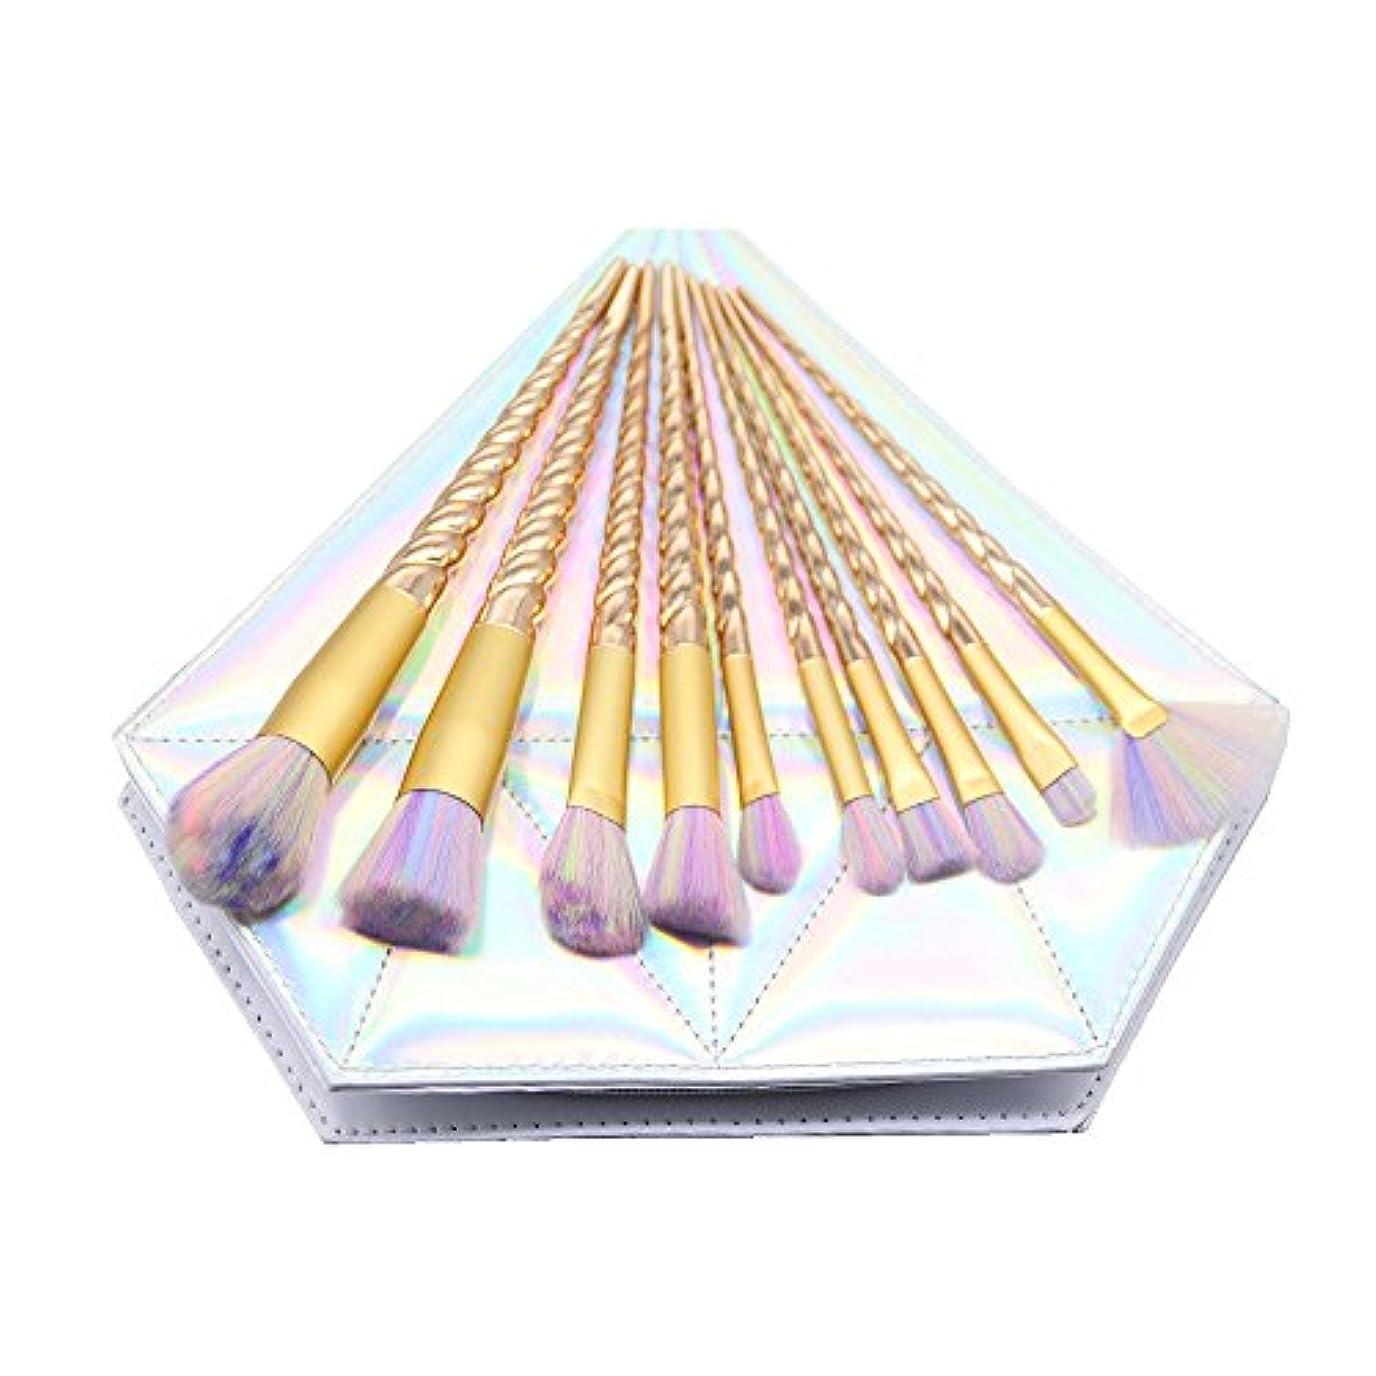 自宅でコンテスト借りるDilla Beauty メイクブラシセット 10本セット ユニコーンデザイン プラスチックハンドル 合成毛 ファンデーションブラシ アイシャドーブラッシャー 美容ツール 化粧品のバッグ付き